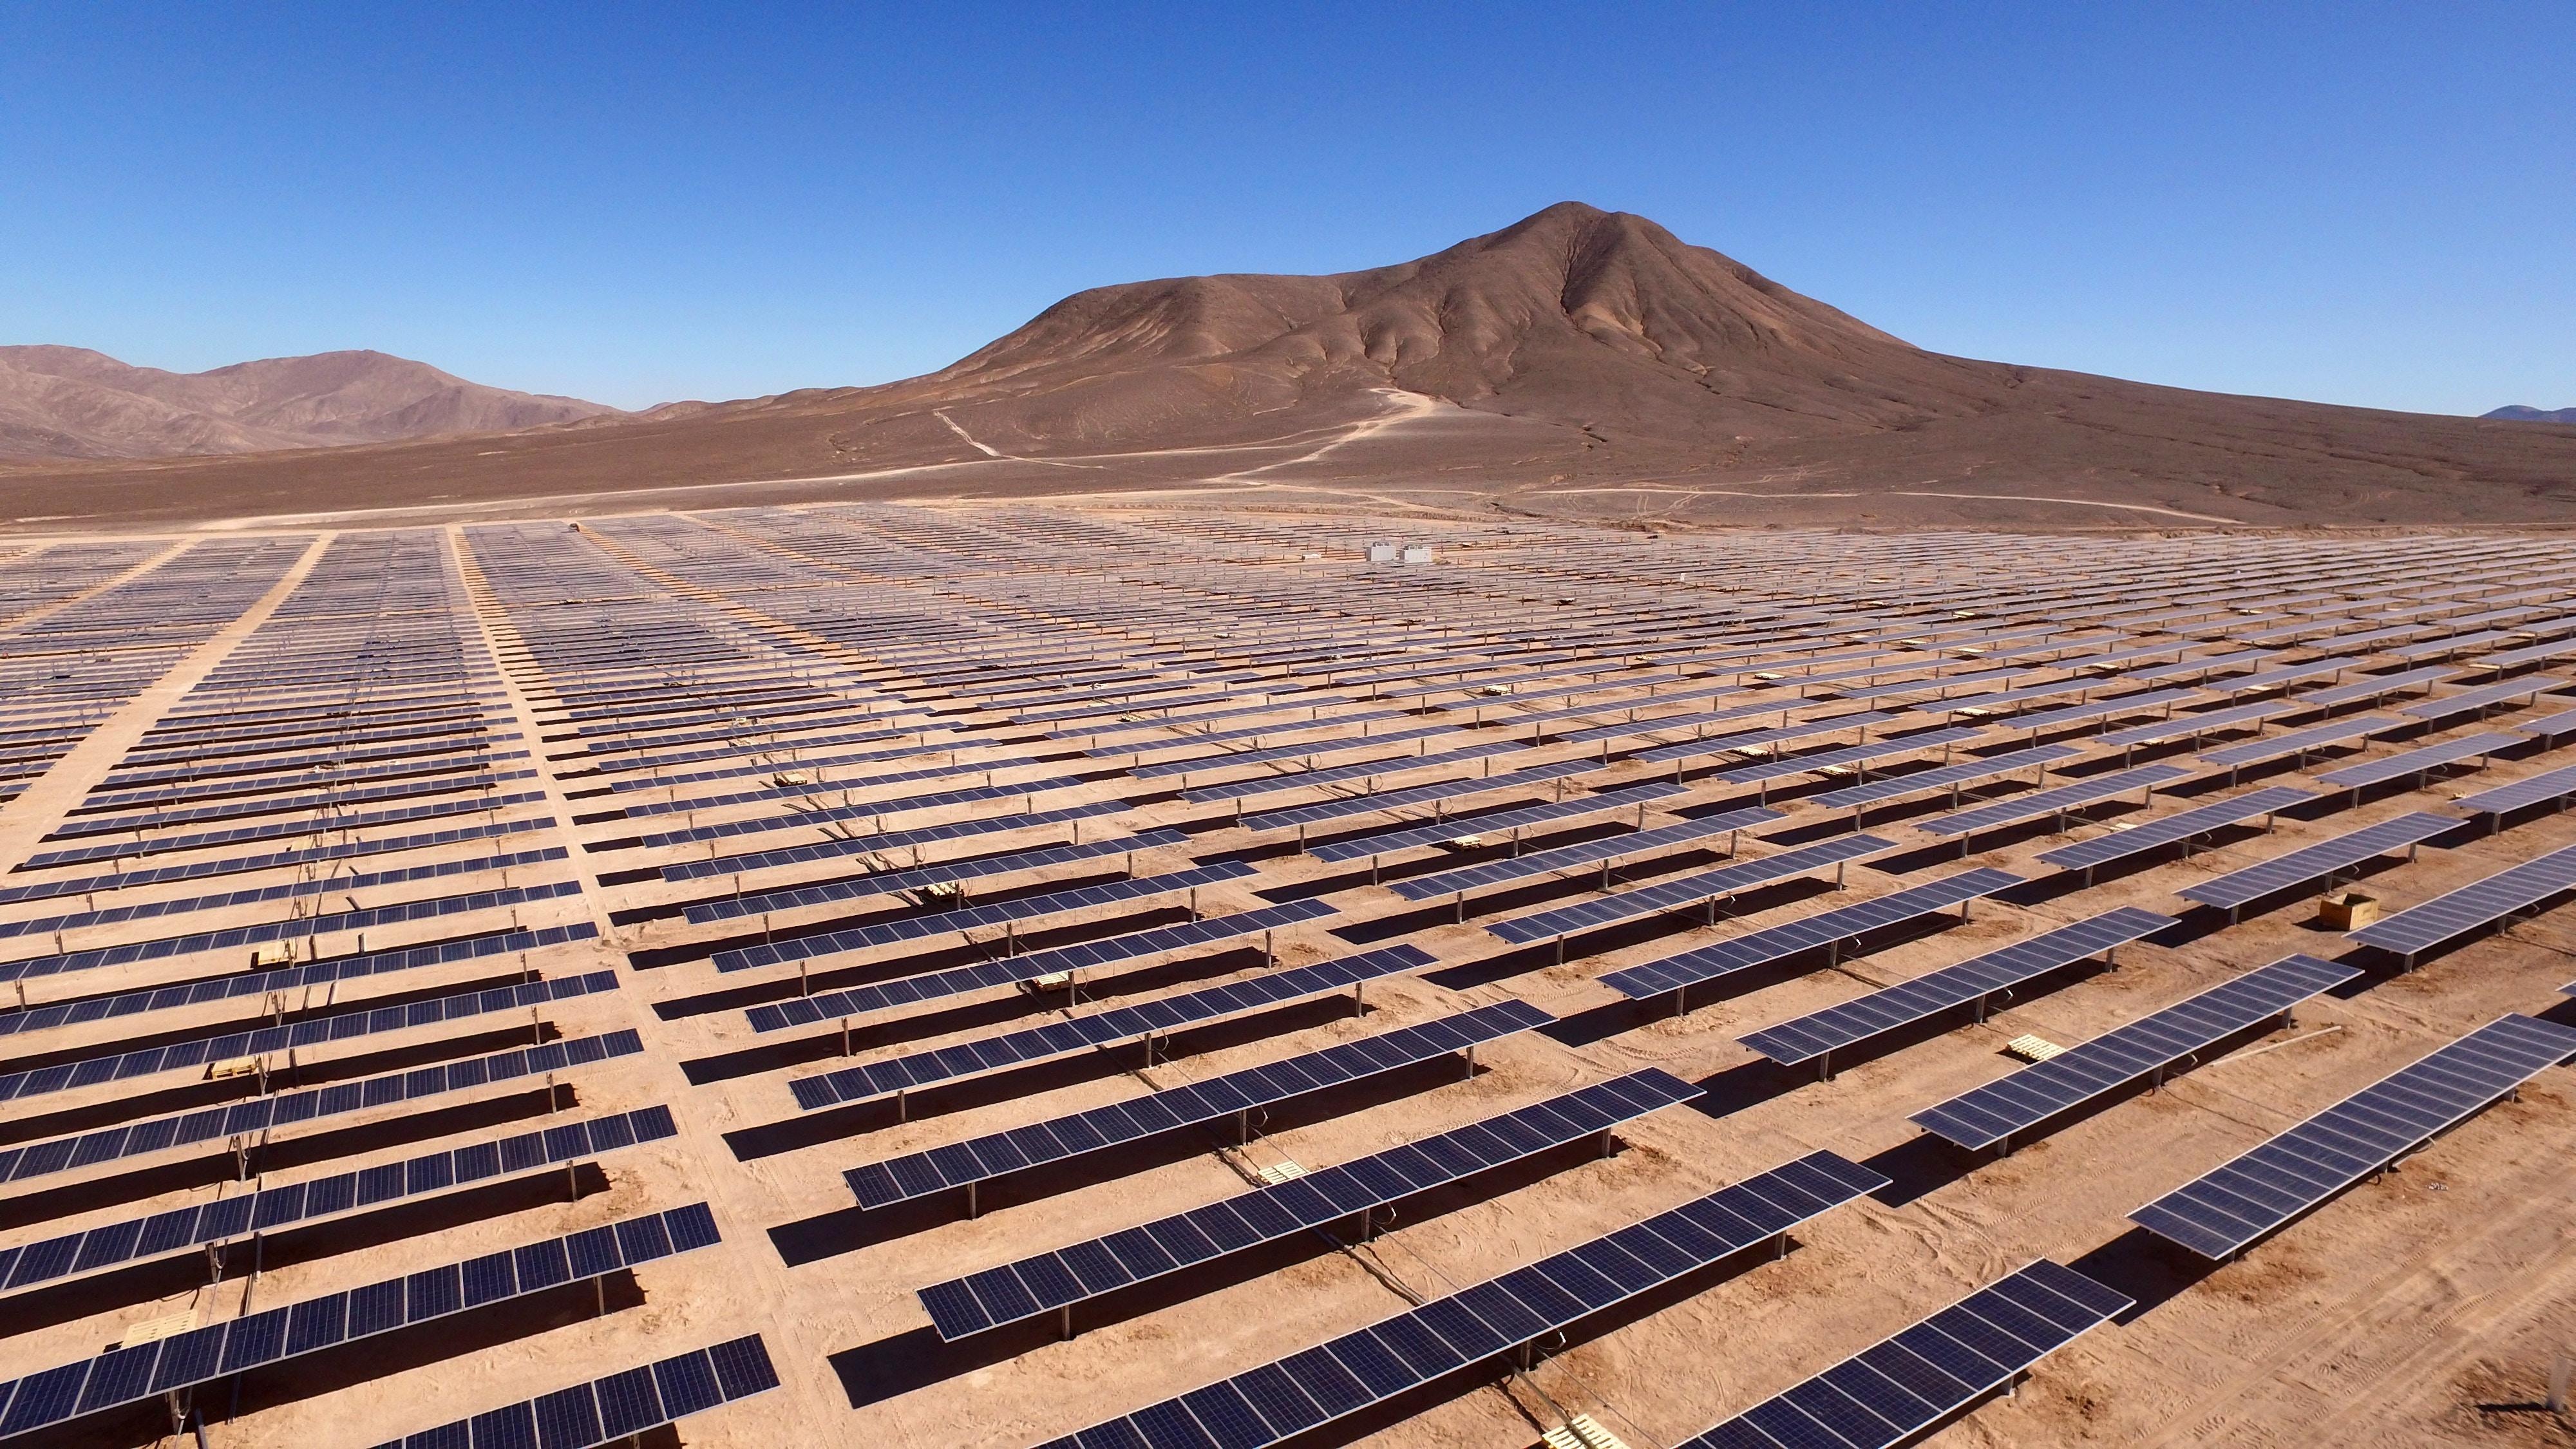 Yeni enerji sistemleri hem doğaya hem de insanlara büyük katkılar sağlayacak